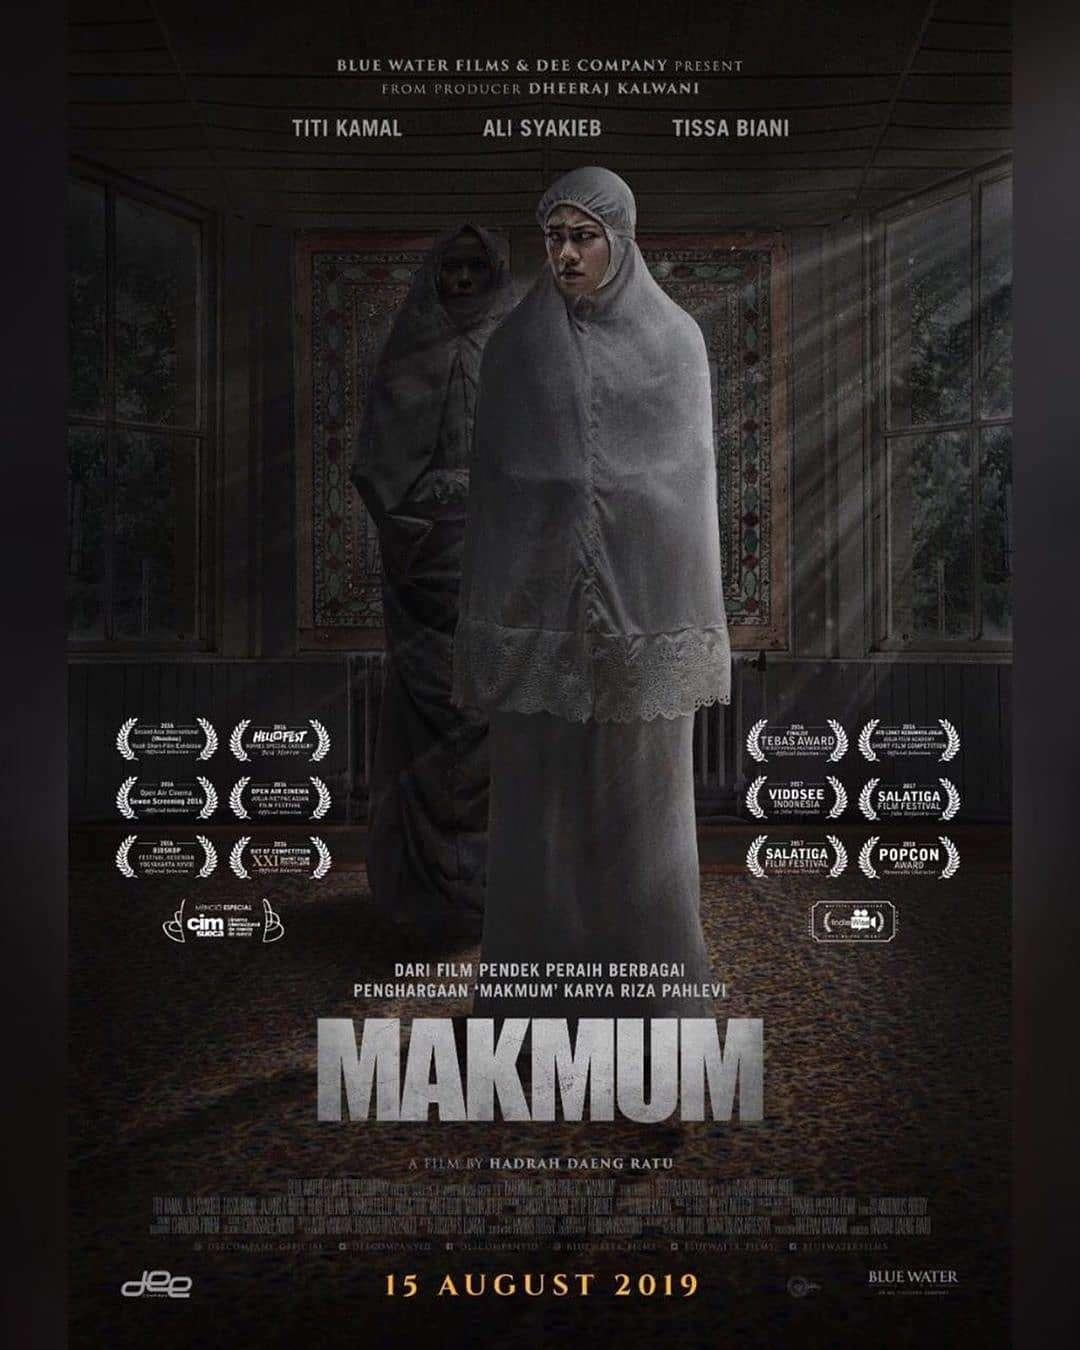 DOWNLOAD FILM Makmum 2019 Film horor, Pengikut, Film